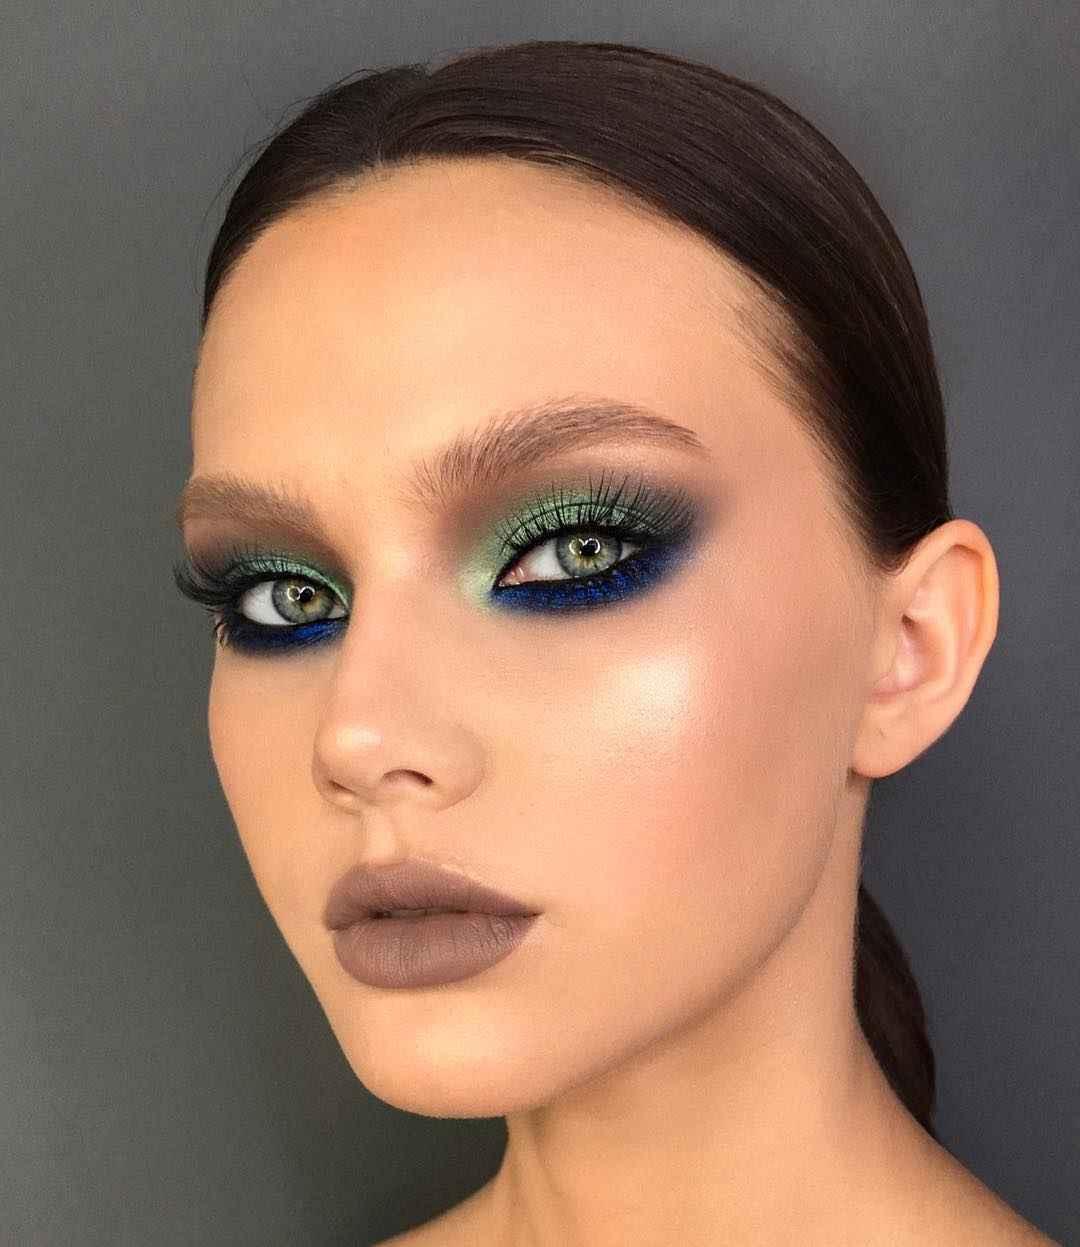 Макияж под зеленые глаза и темные волосы_7